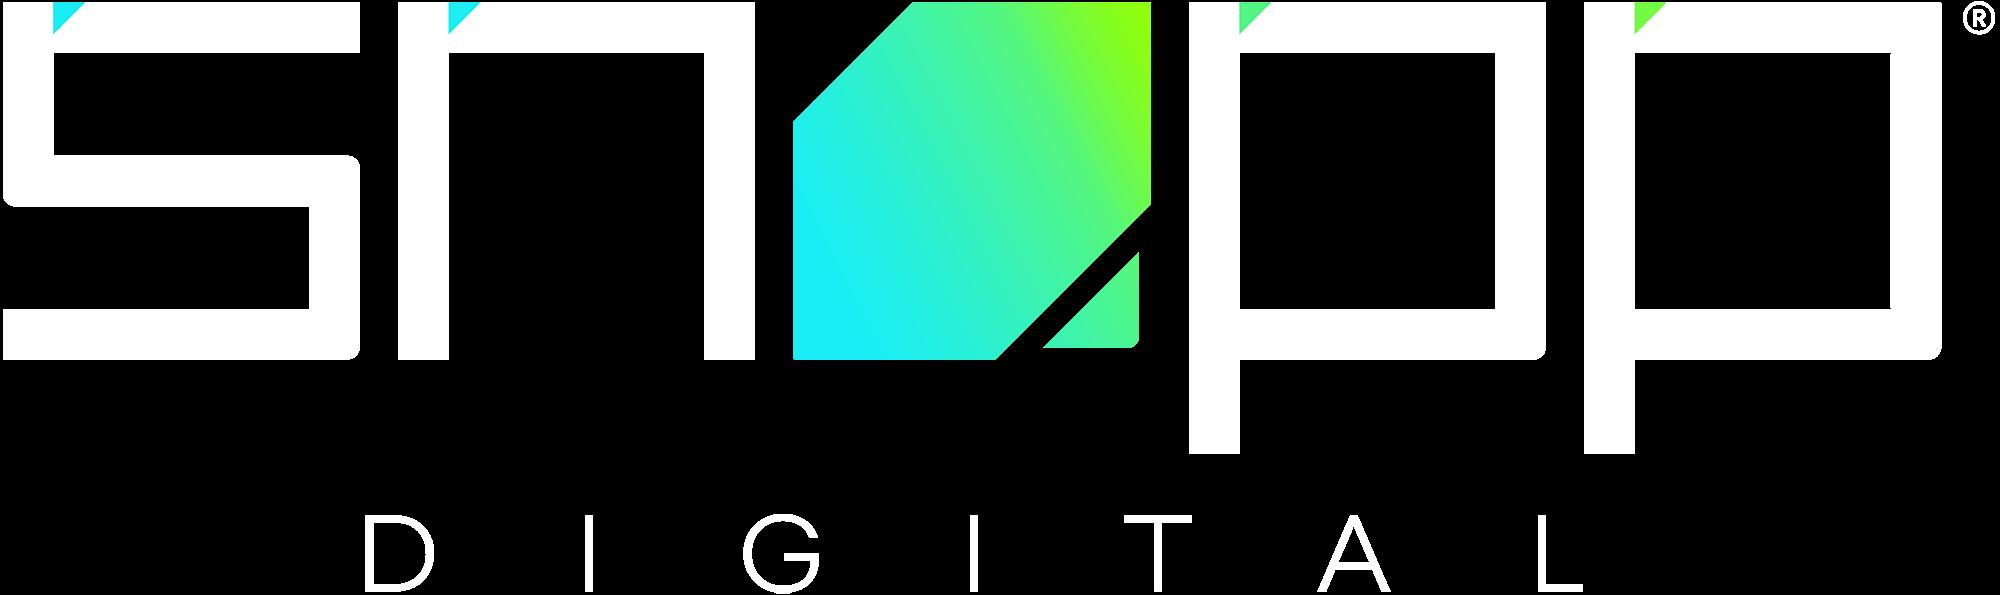 Snapp Digital